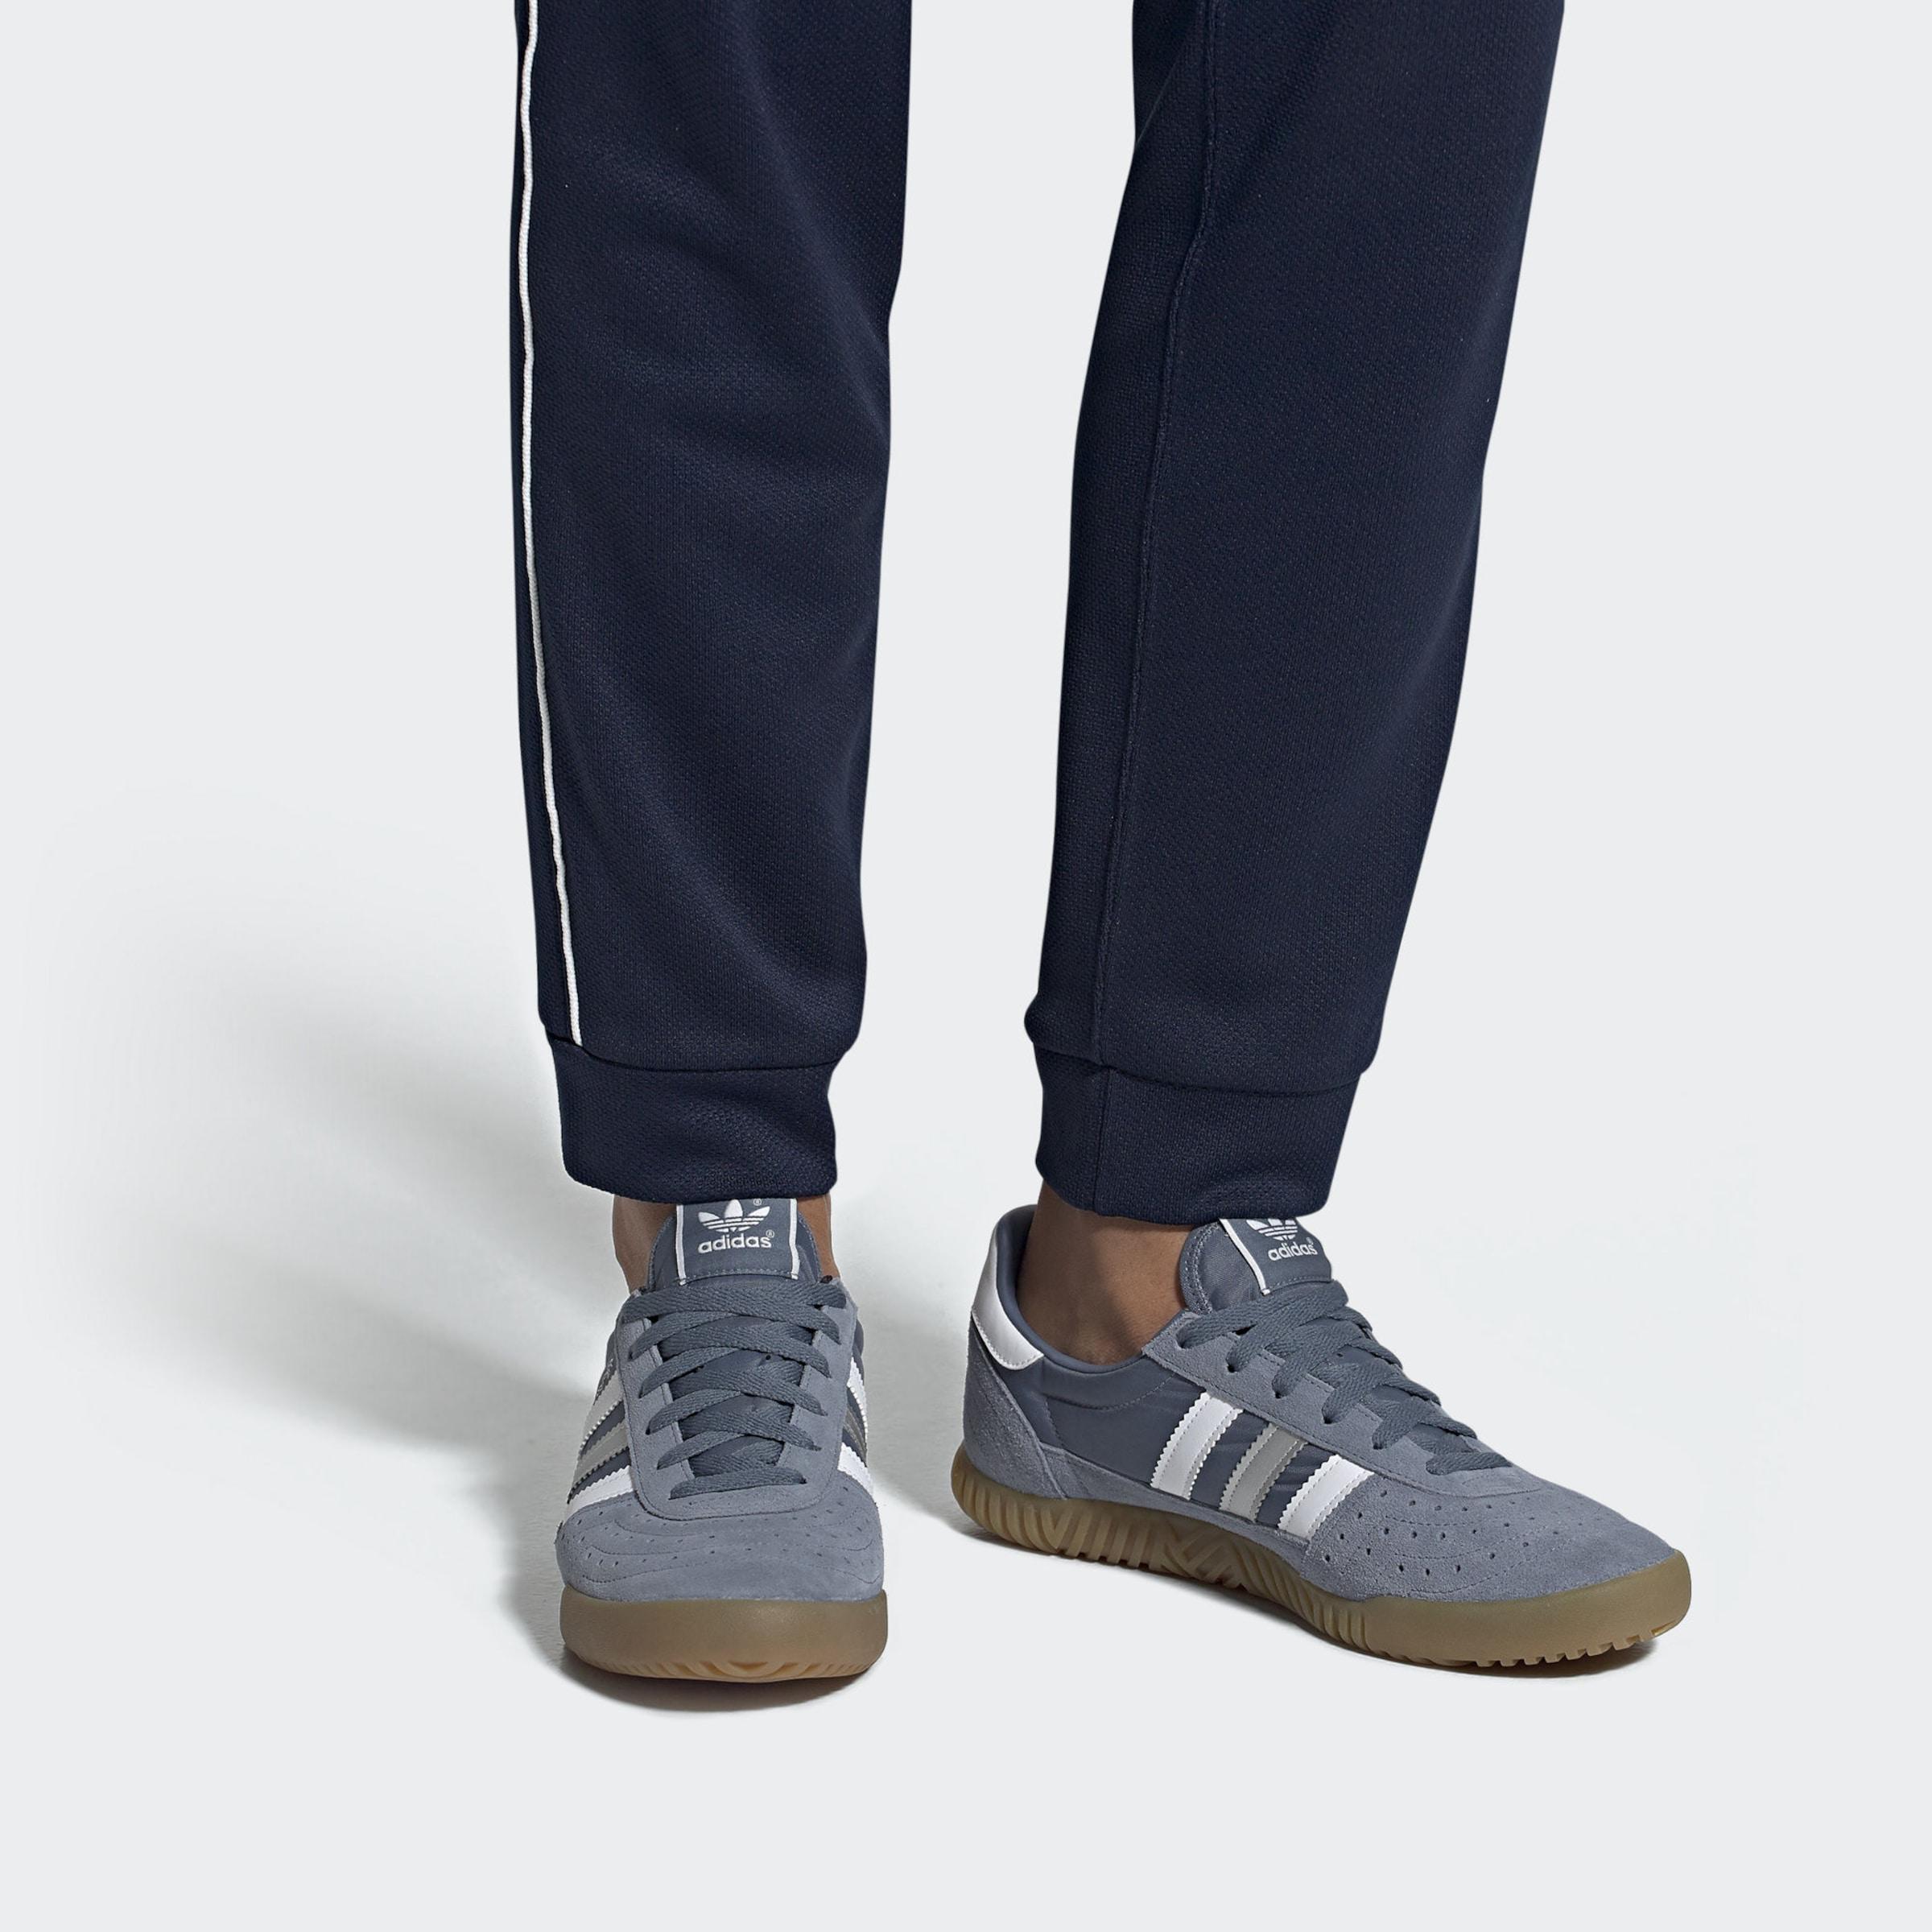 adidas Indoor Super Schuh Blau   adidas Deutschland